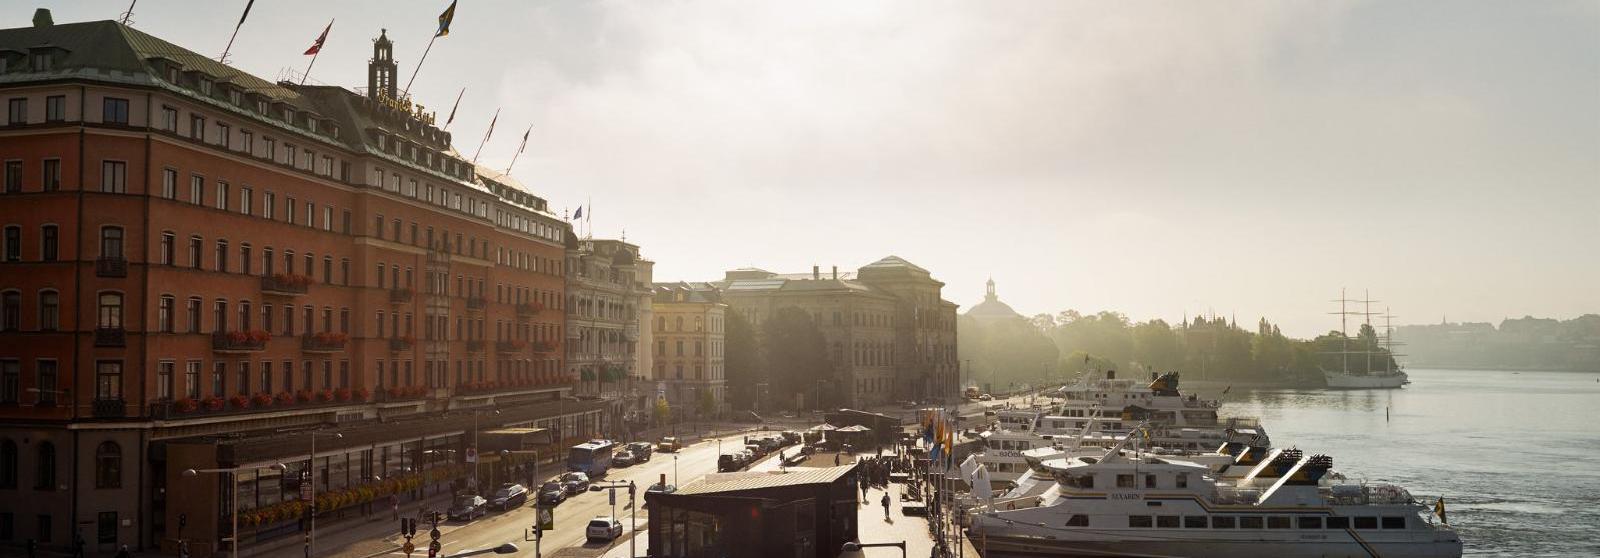 斯德哥尔摩大酒店(Grand Hotel Stockholm) 外观图片  www.lhw.cn